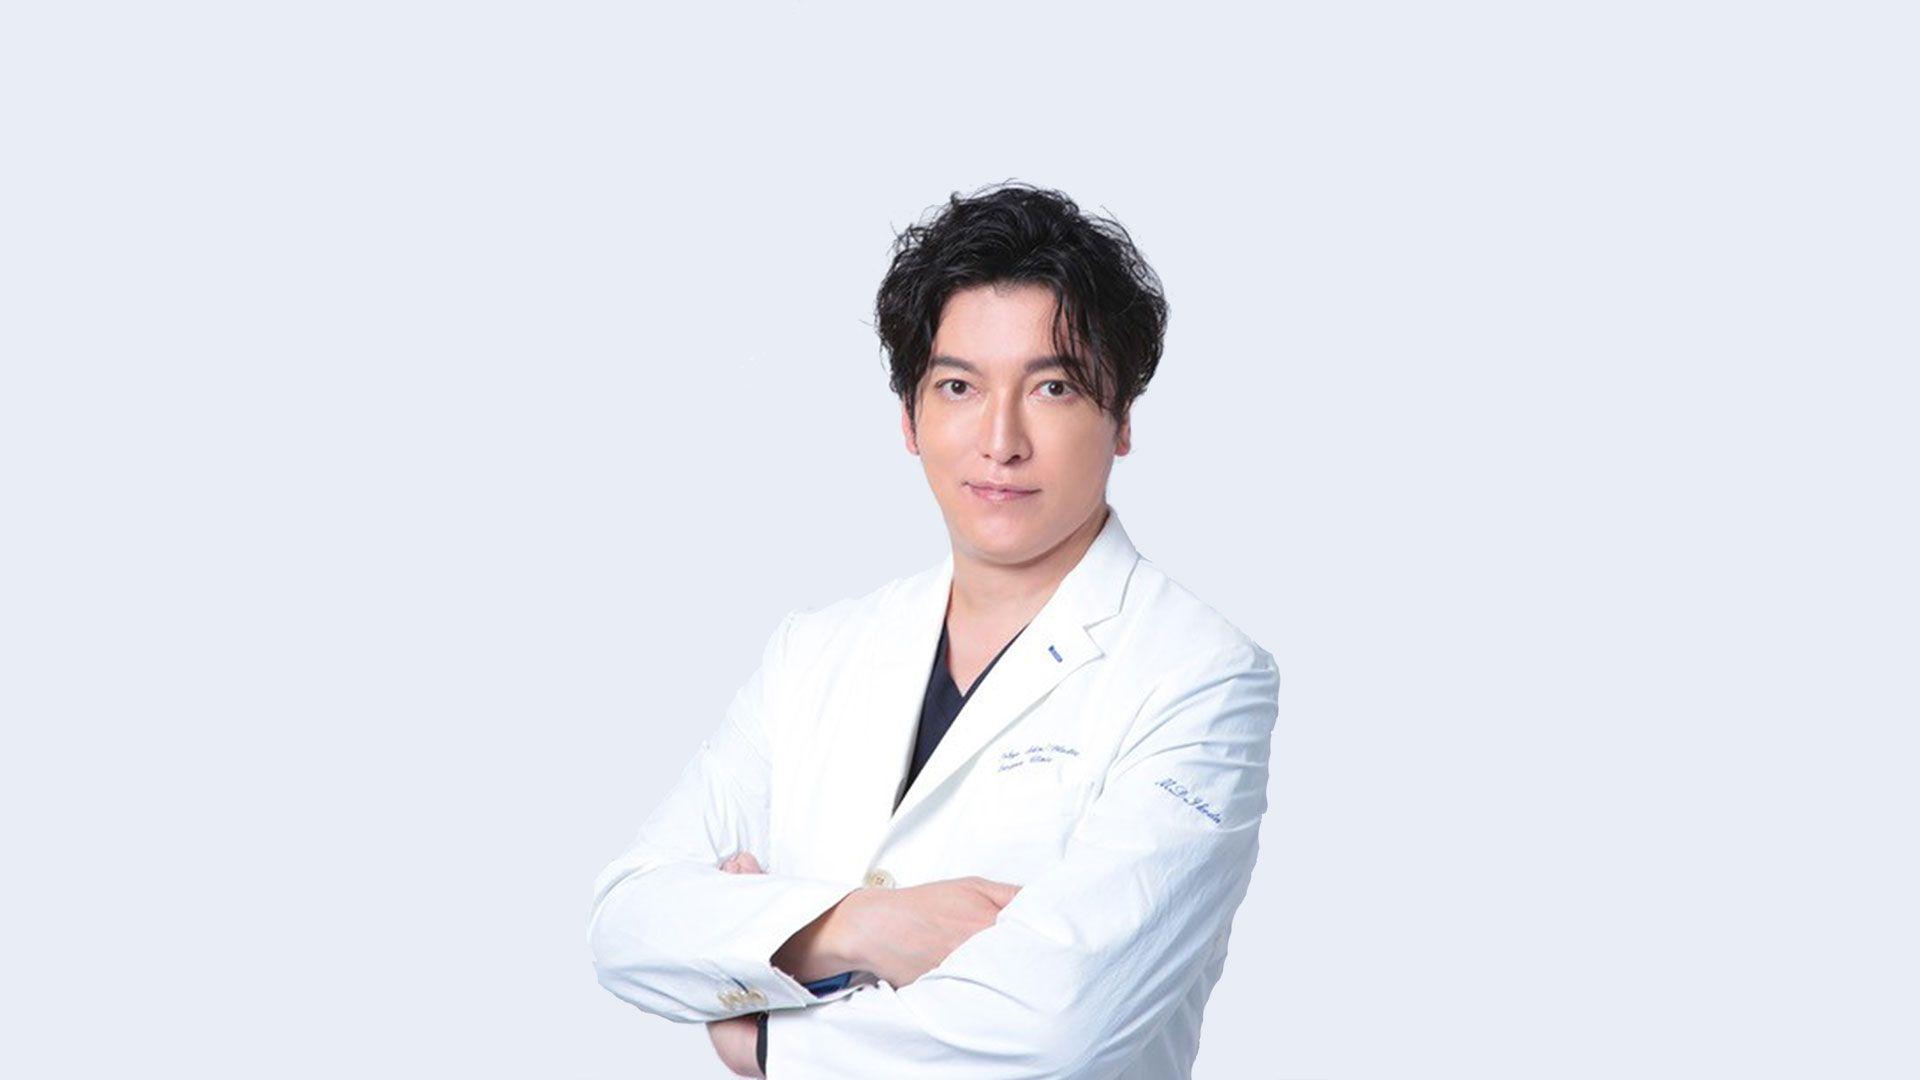 一般社団法人医療アートメイク学会 理事長 池田欣生 先生 インタビュー